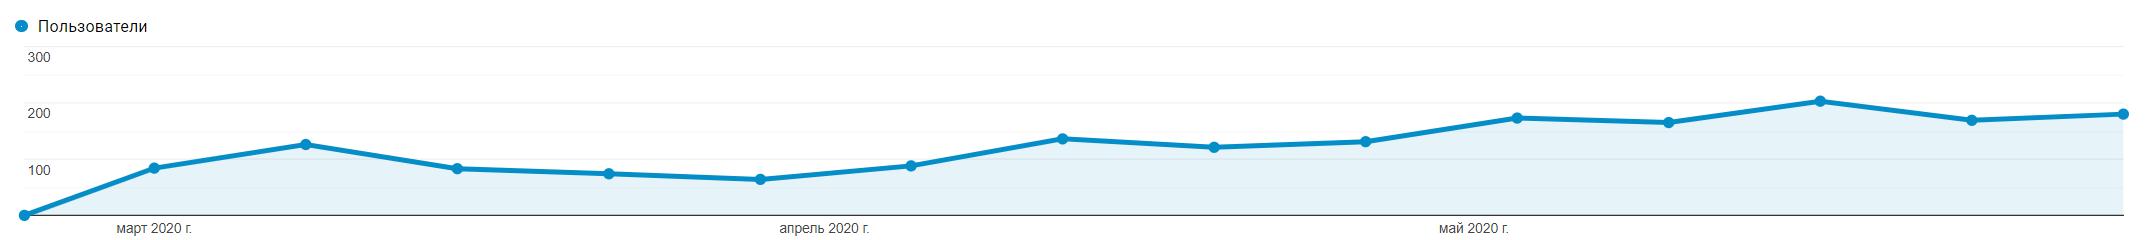 Раскрутка блога, первые результаты